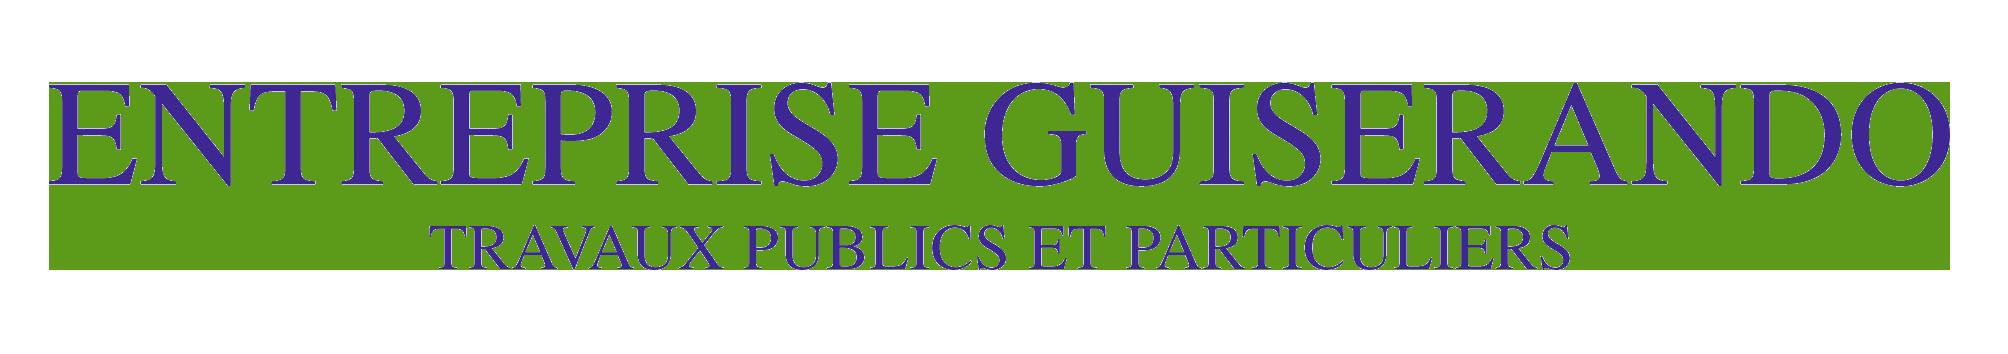 logo entreprise guiserando